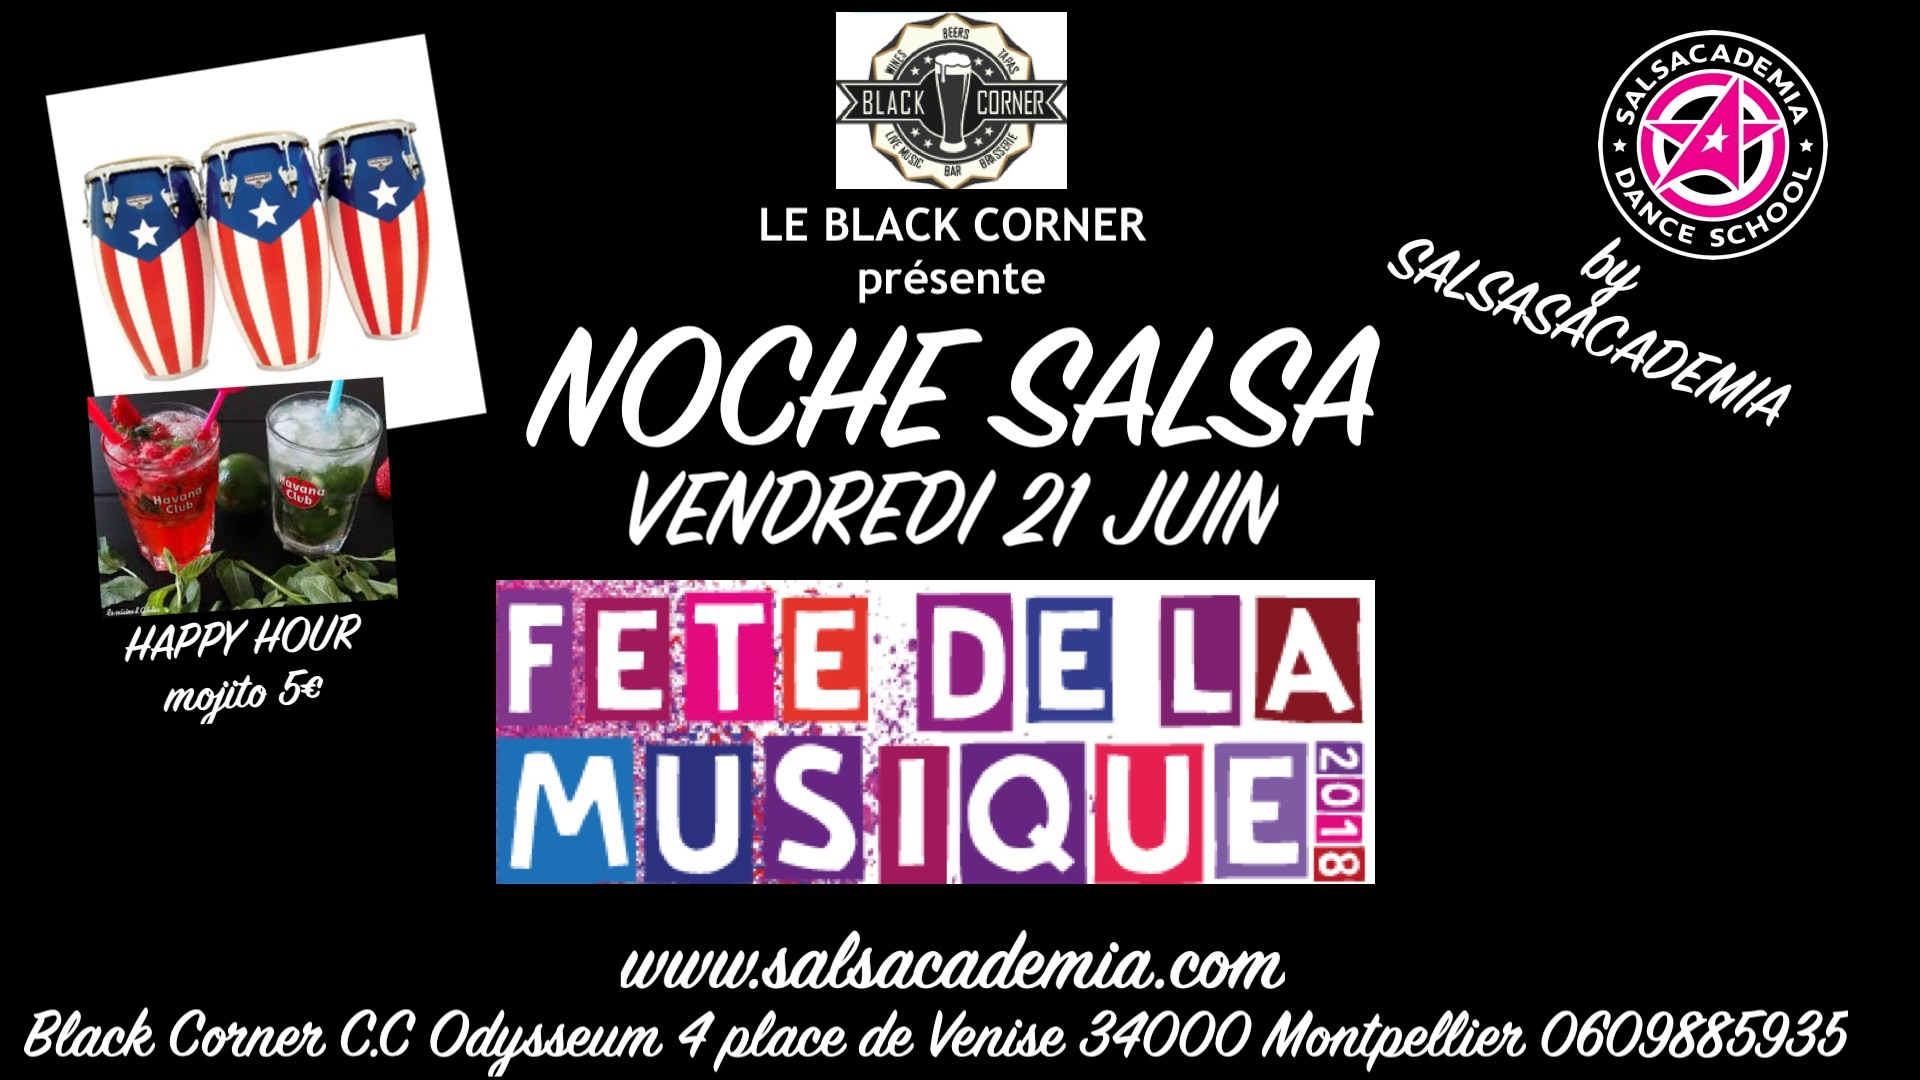 Vendredi 21 Juin: Noche Salsa Fête de la musique